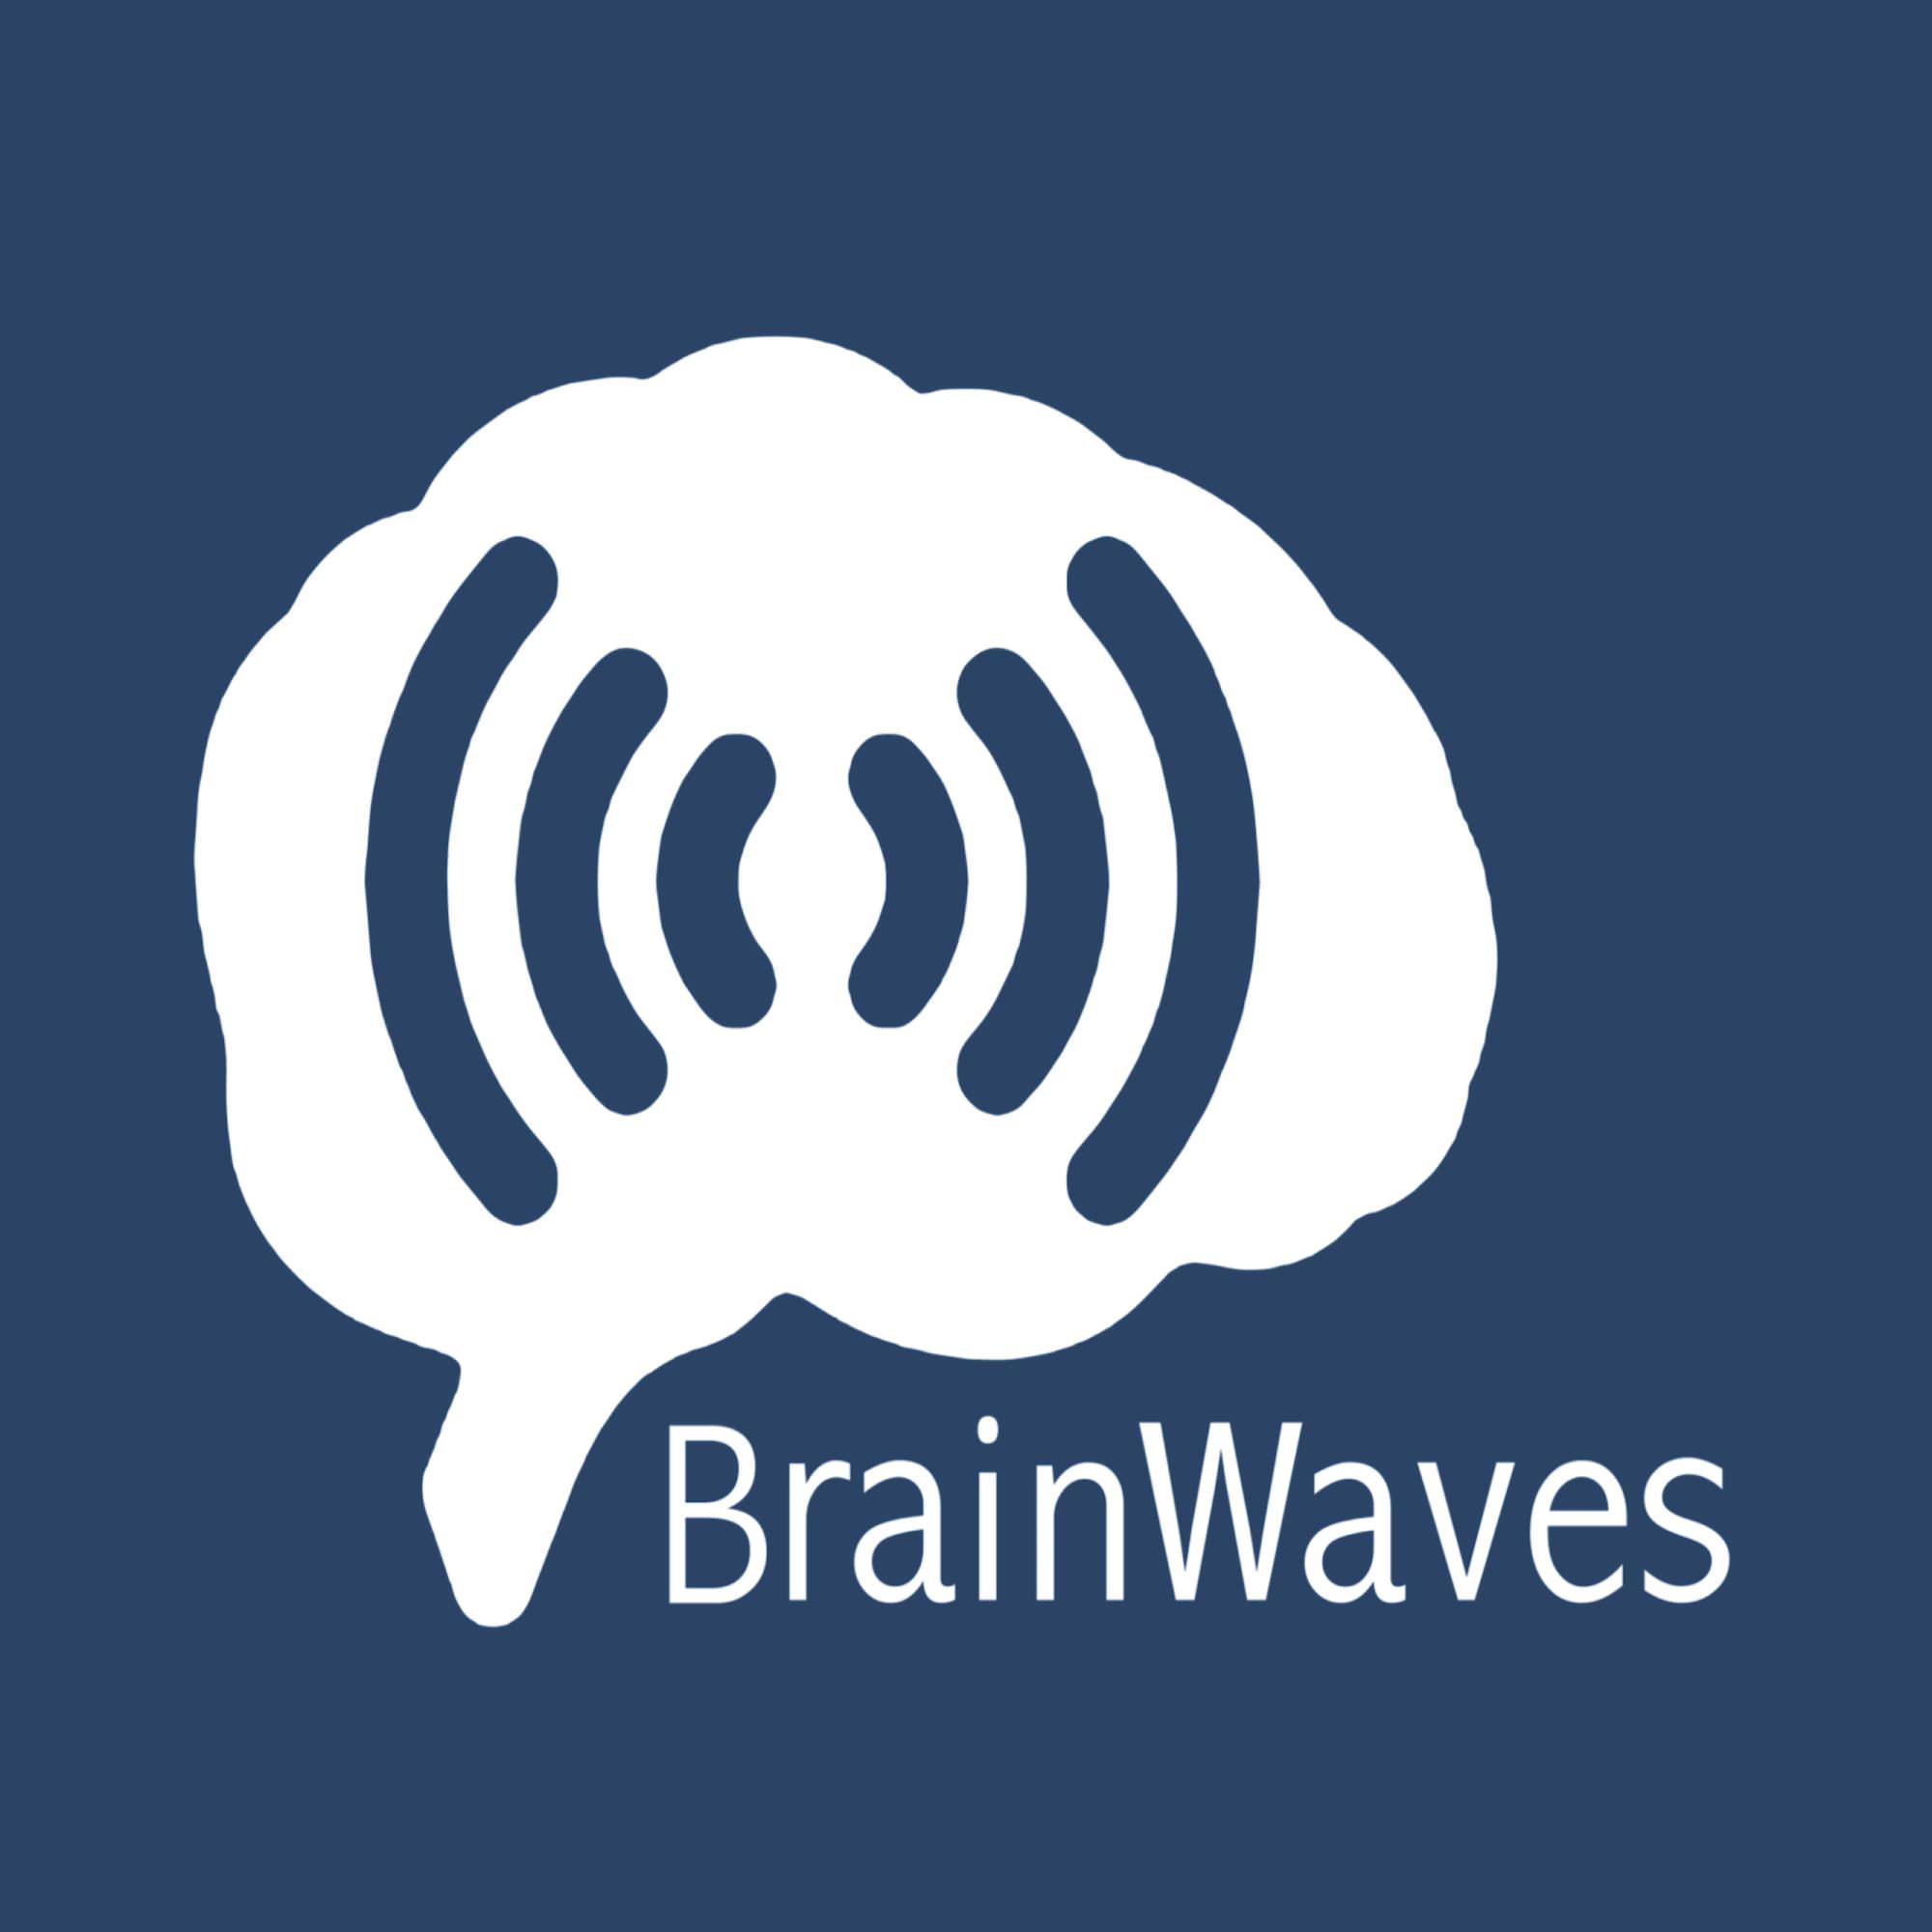 BrainWaves: A Neurology Podcast show art